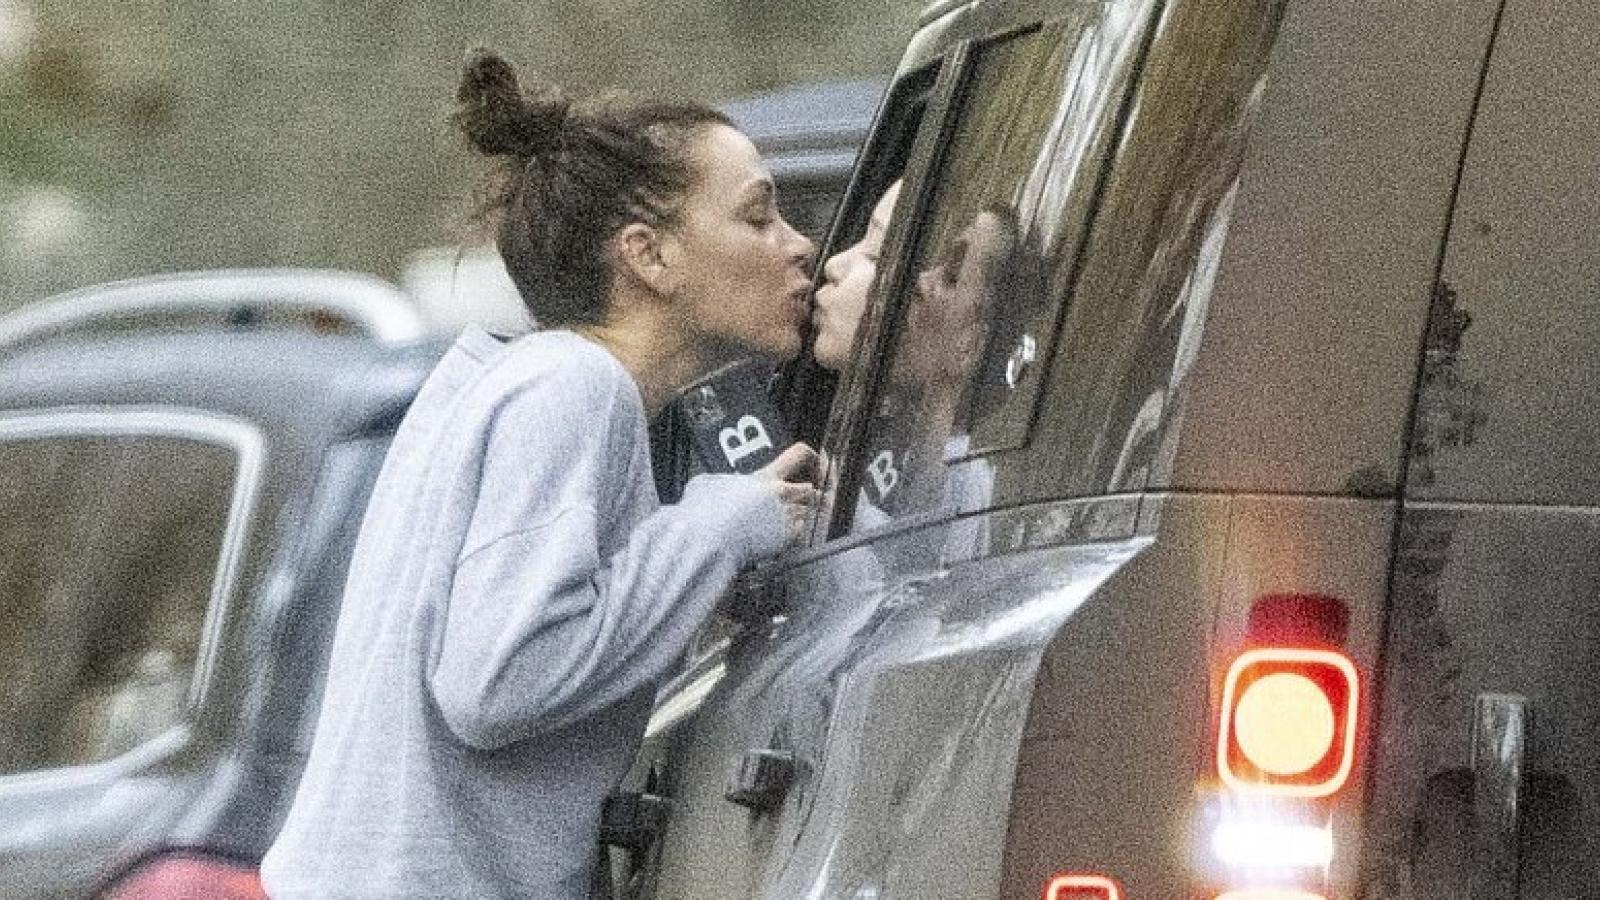 Victoria Beckham để mặt mộc, hôn con gái qua cửa ô tô